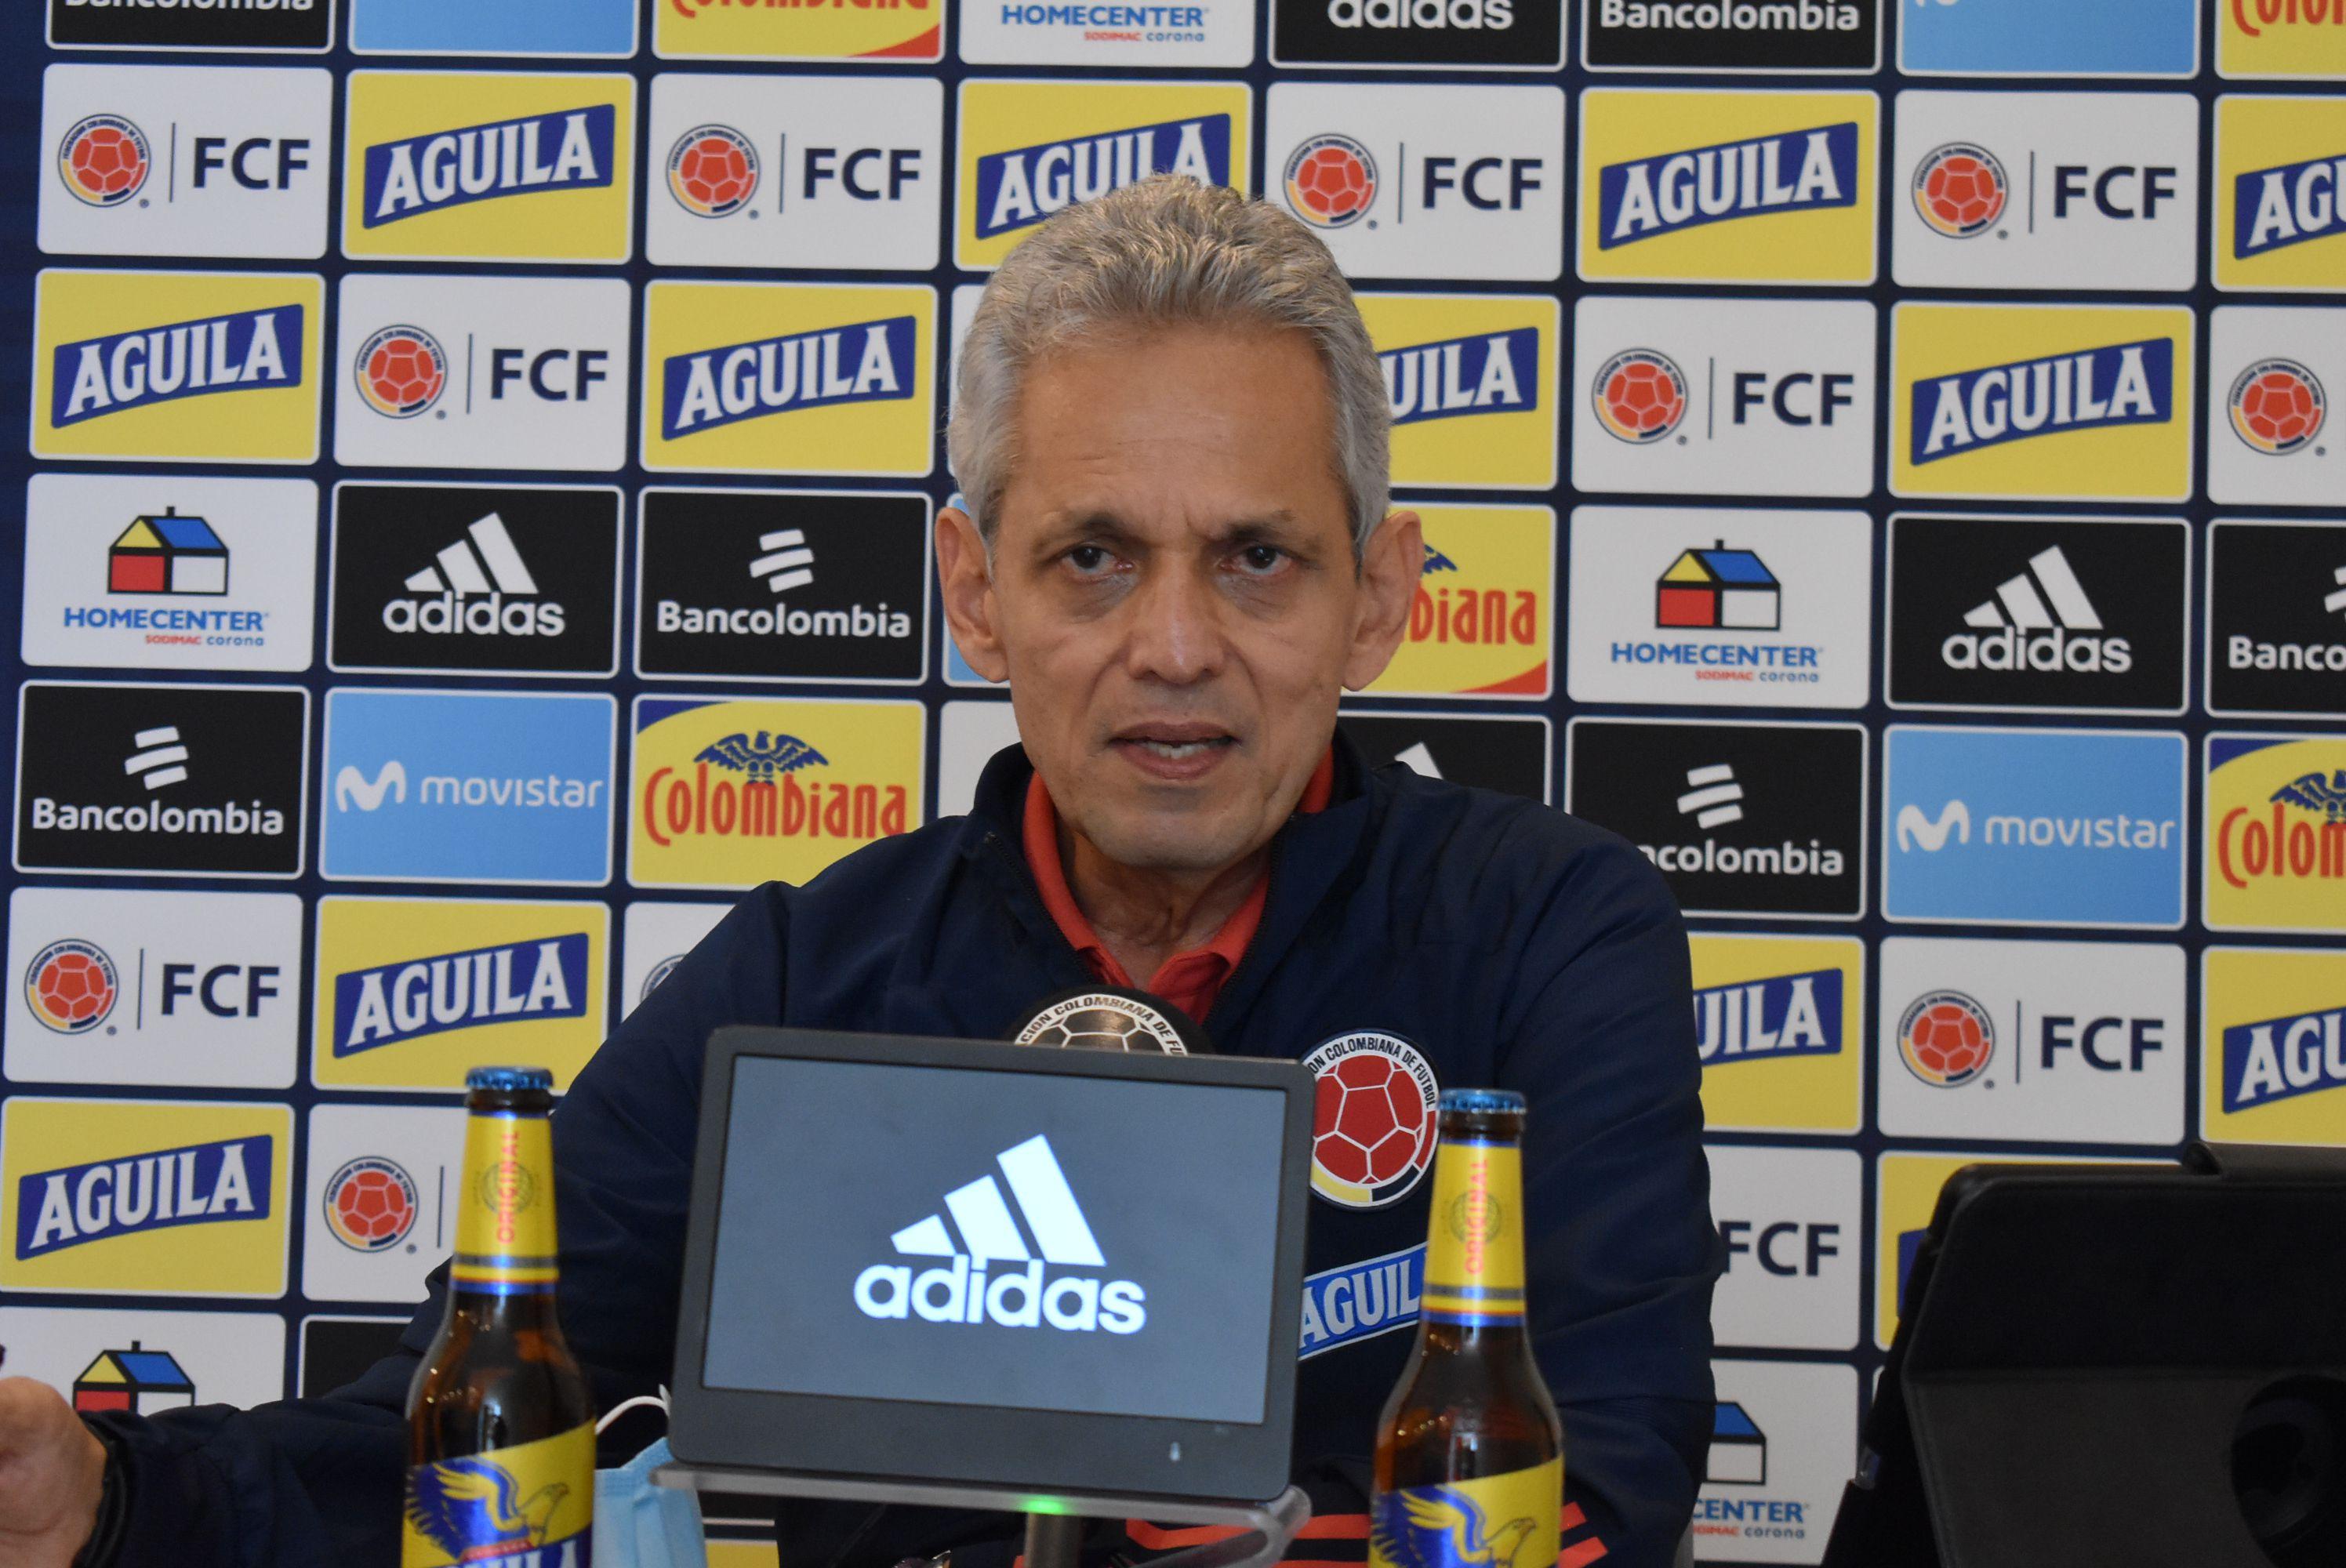 Entrenador colombiano Reinaldo Rueda en conferencia de prensa de cara a la triple fecha de eliminatorias Conmebol de octubre de 2021 / (Colprensa)